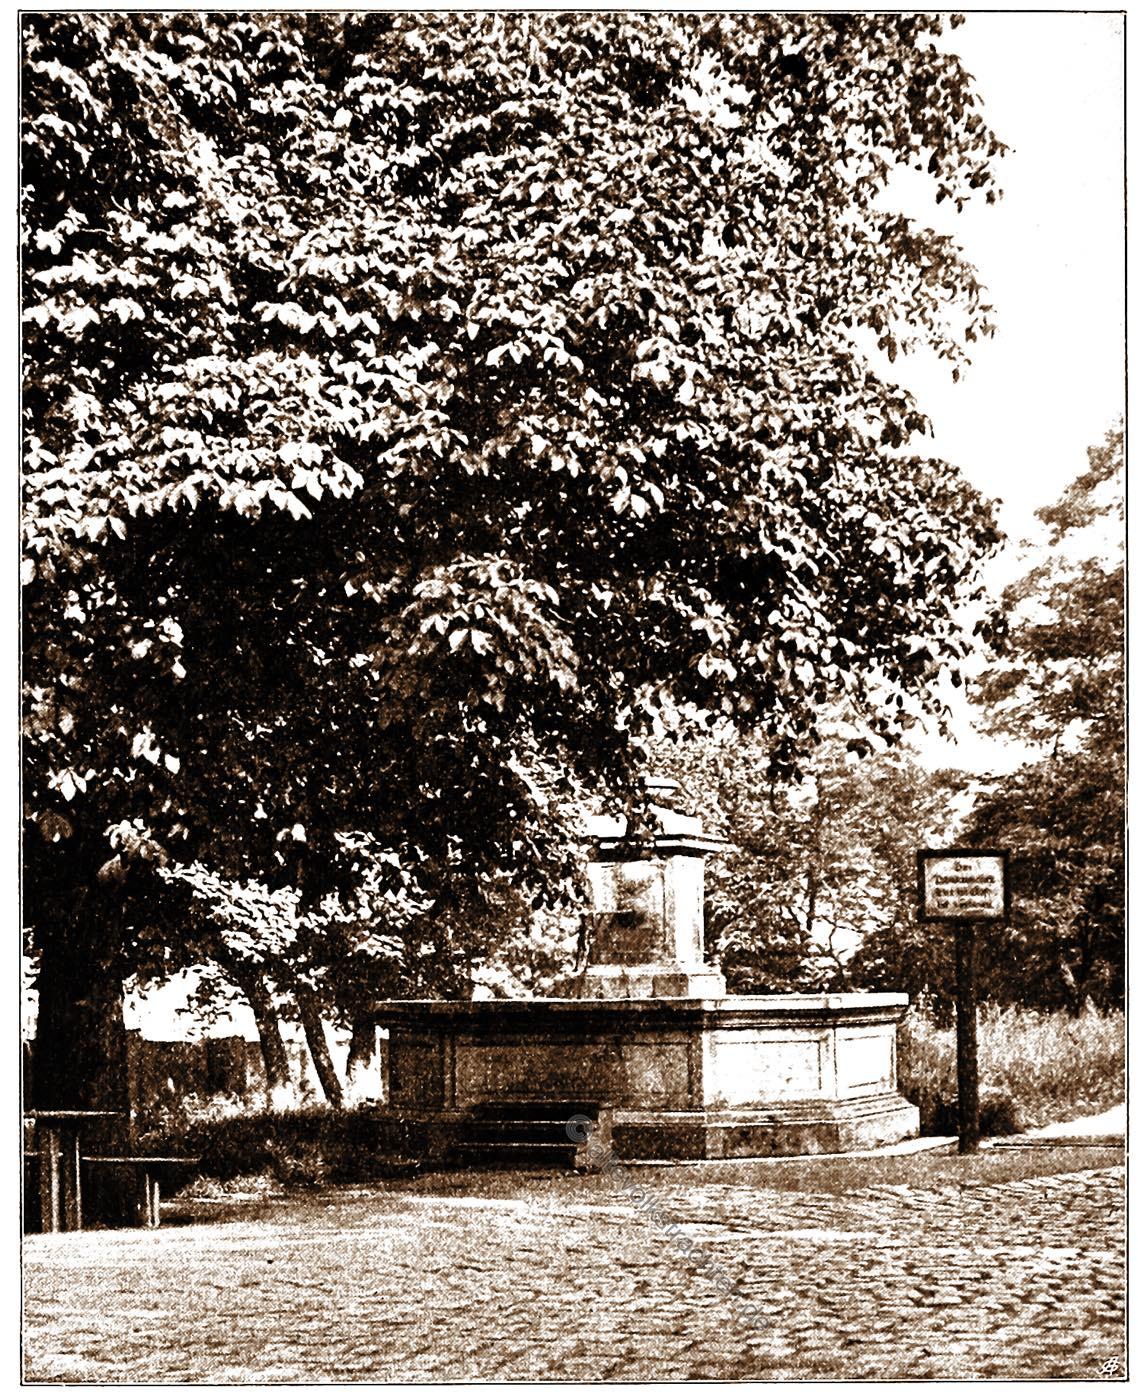 Waisenhausgasse, Wien, Brunnen, Österreich, Architektur, Hartwig Fischel,